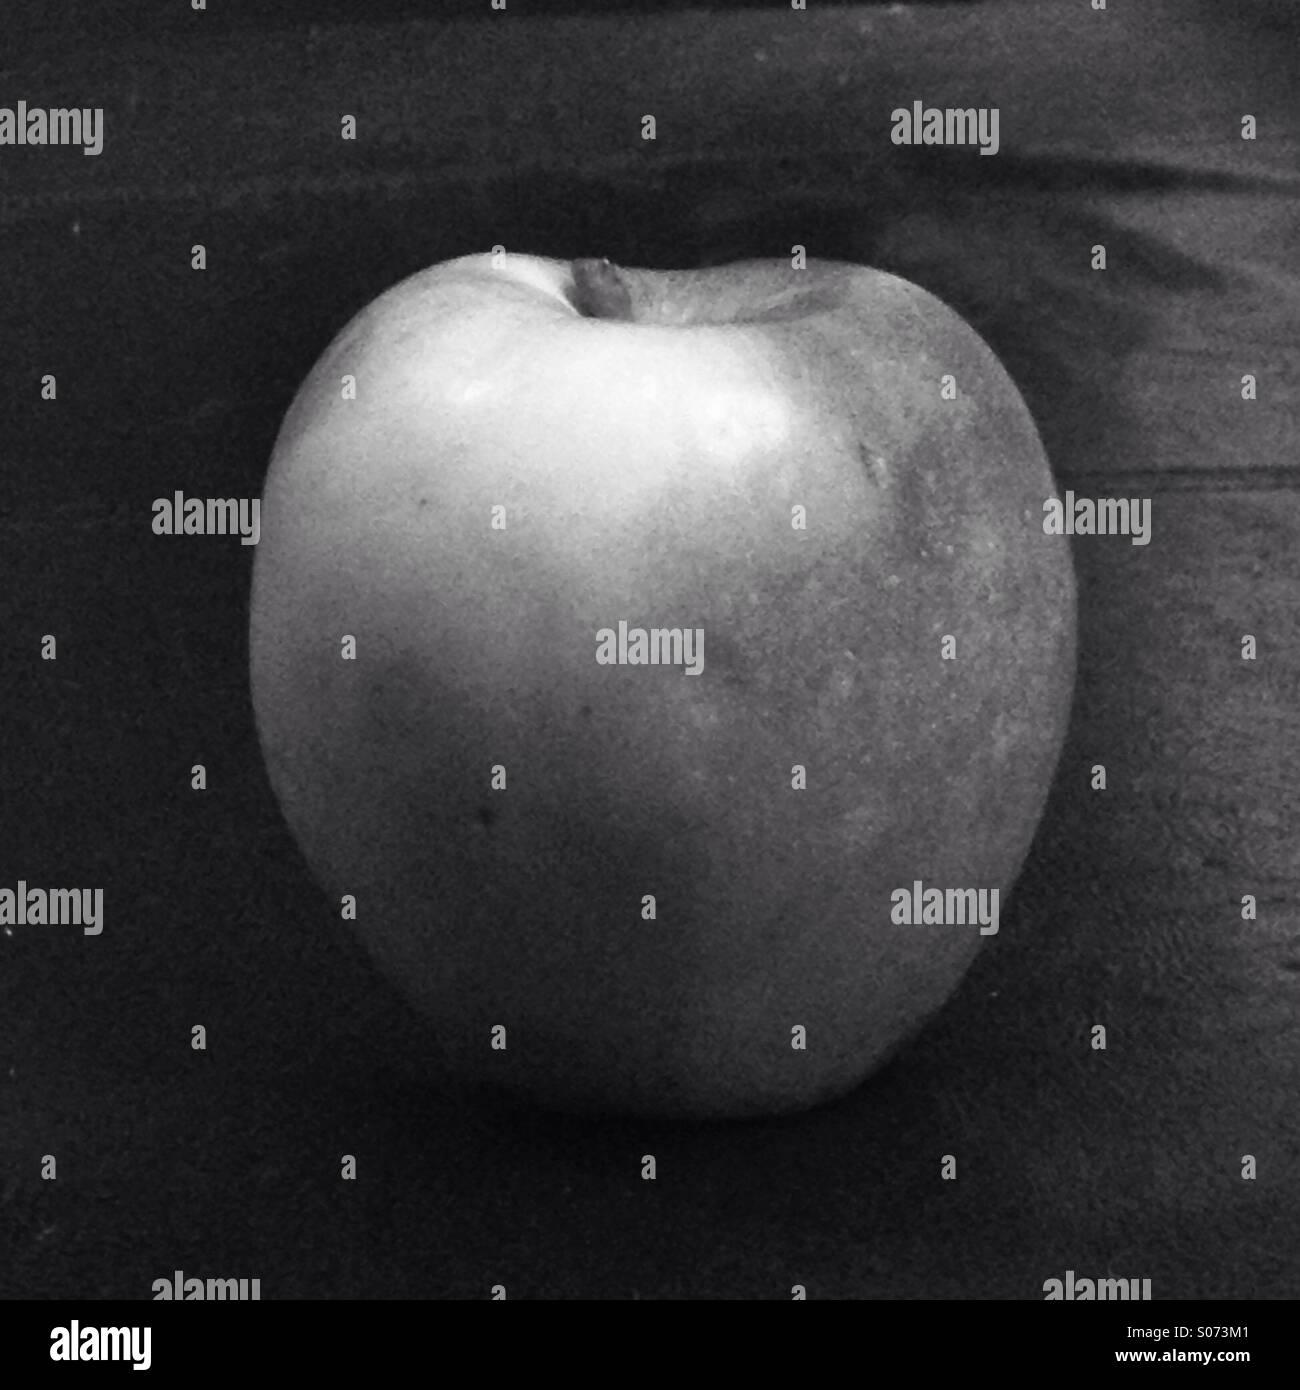 Gala apple in B&W - Stock Image